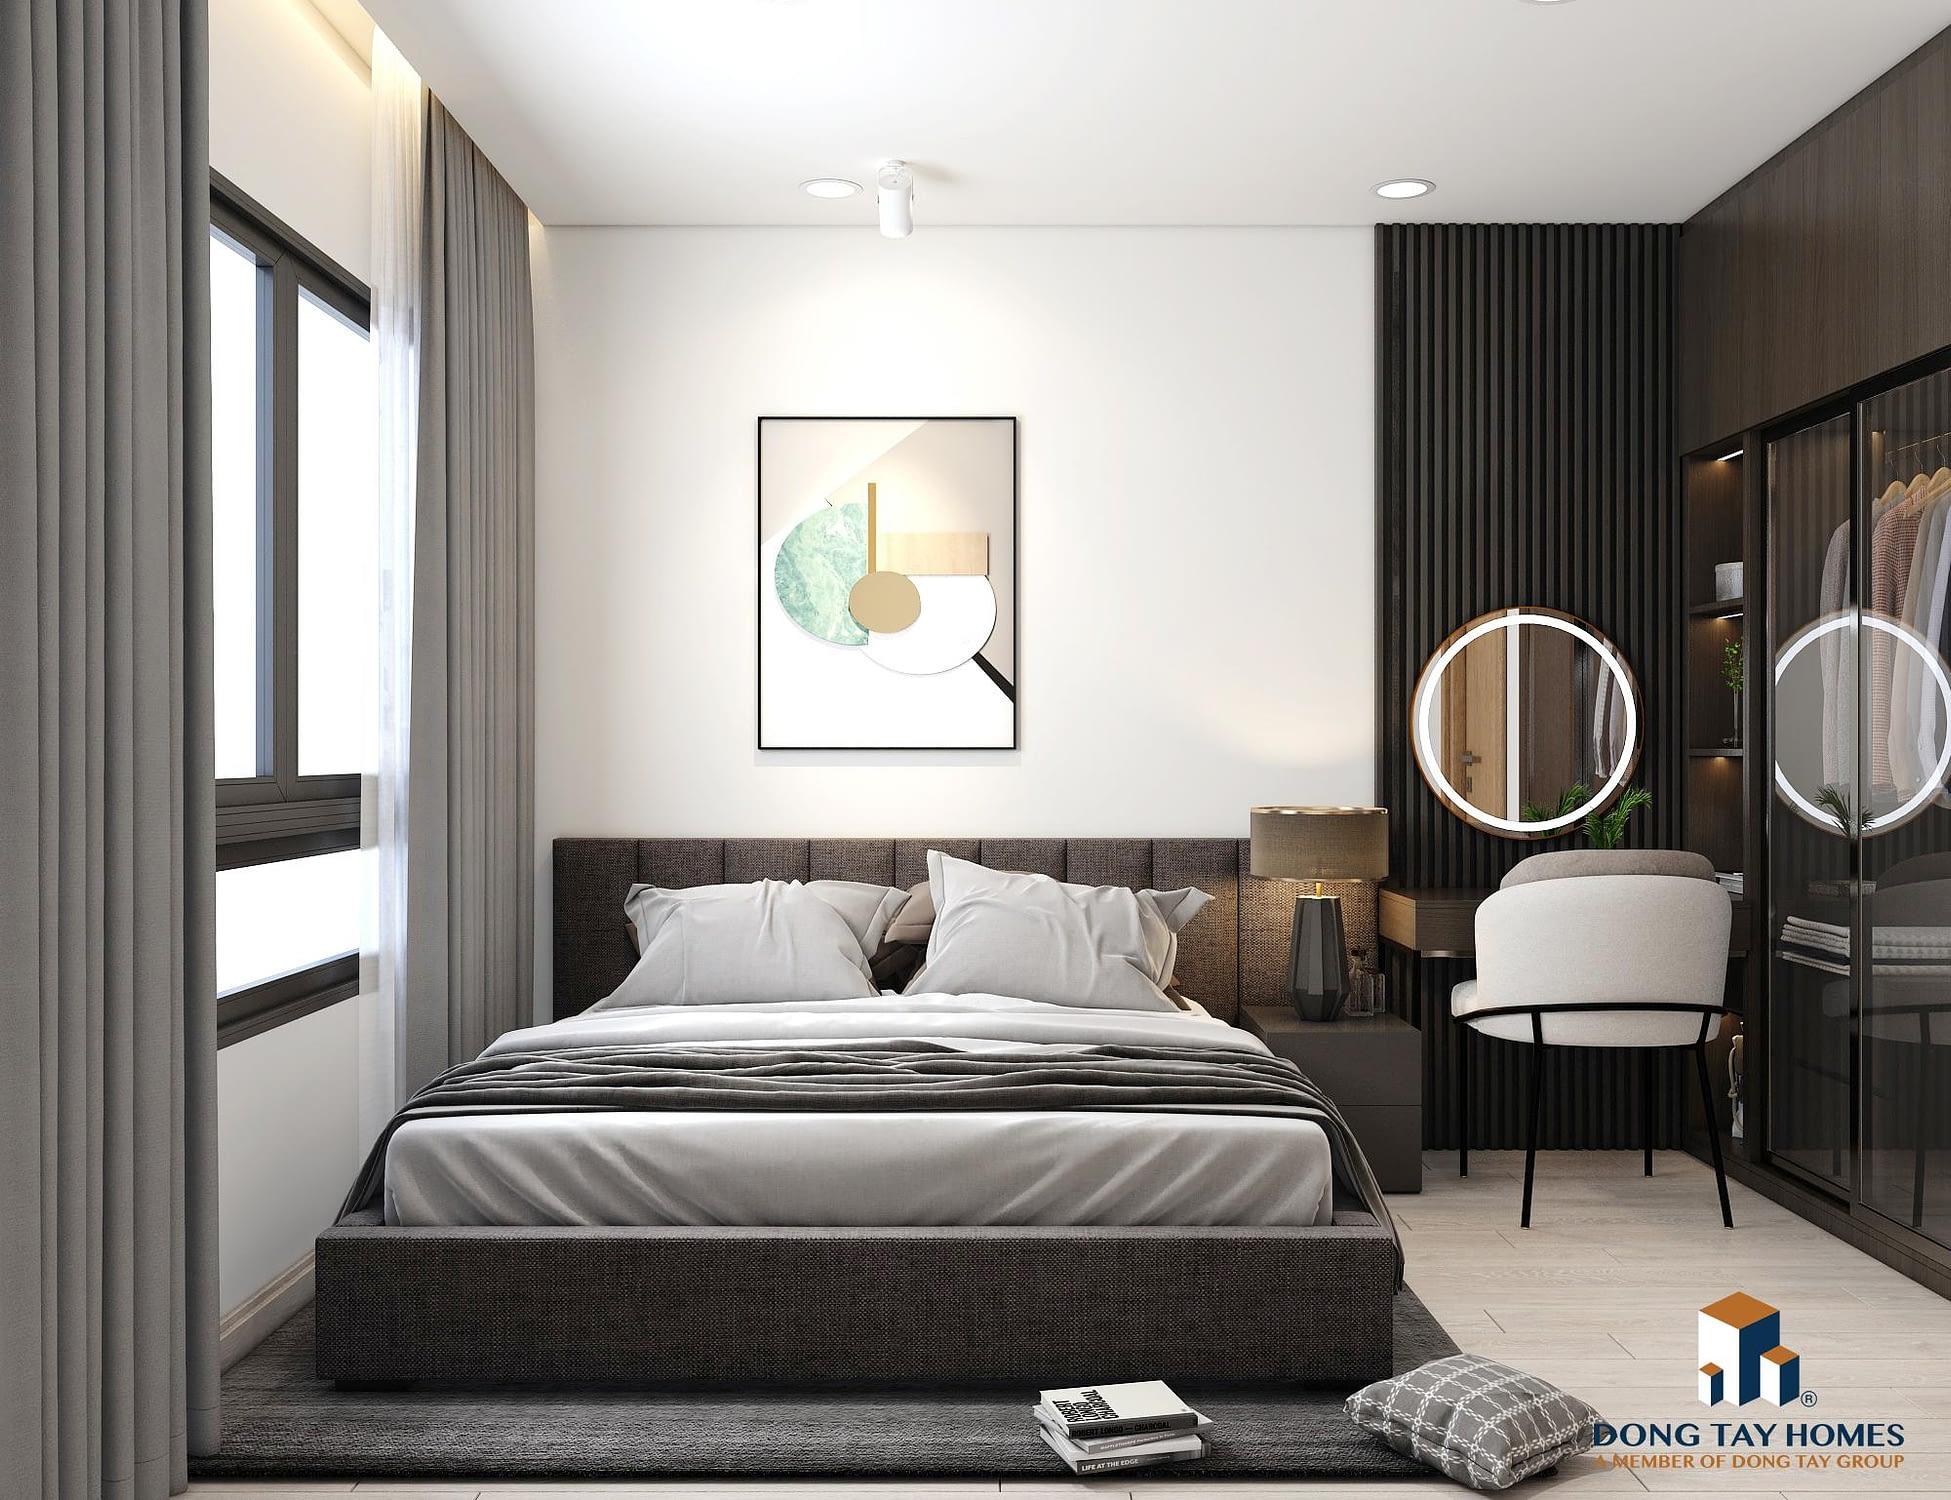 thiết kế nội thất chung cư đẹp giá rẻ tại hcm